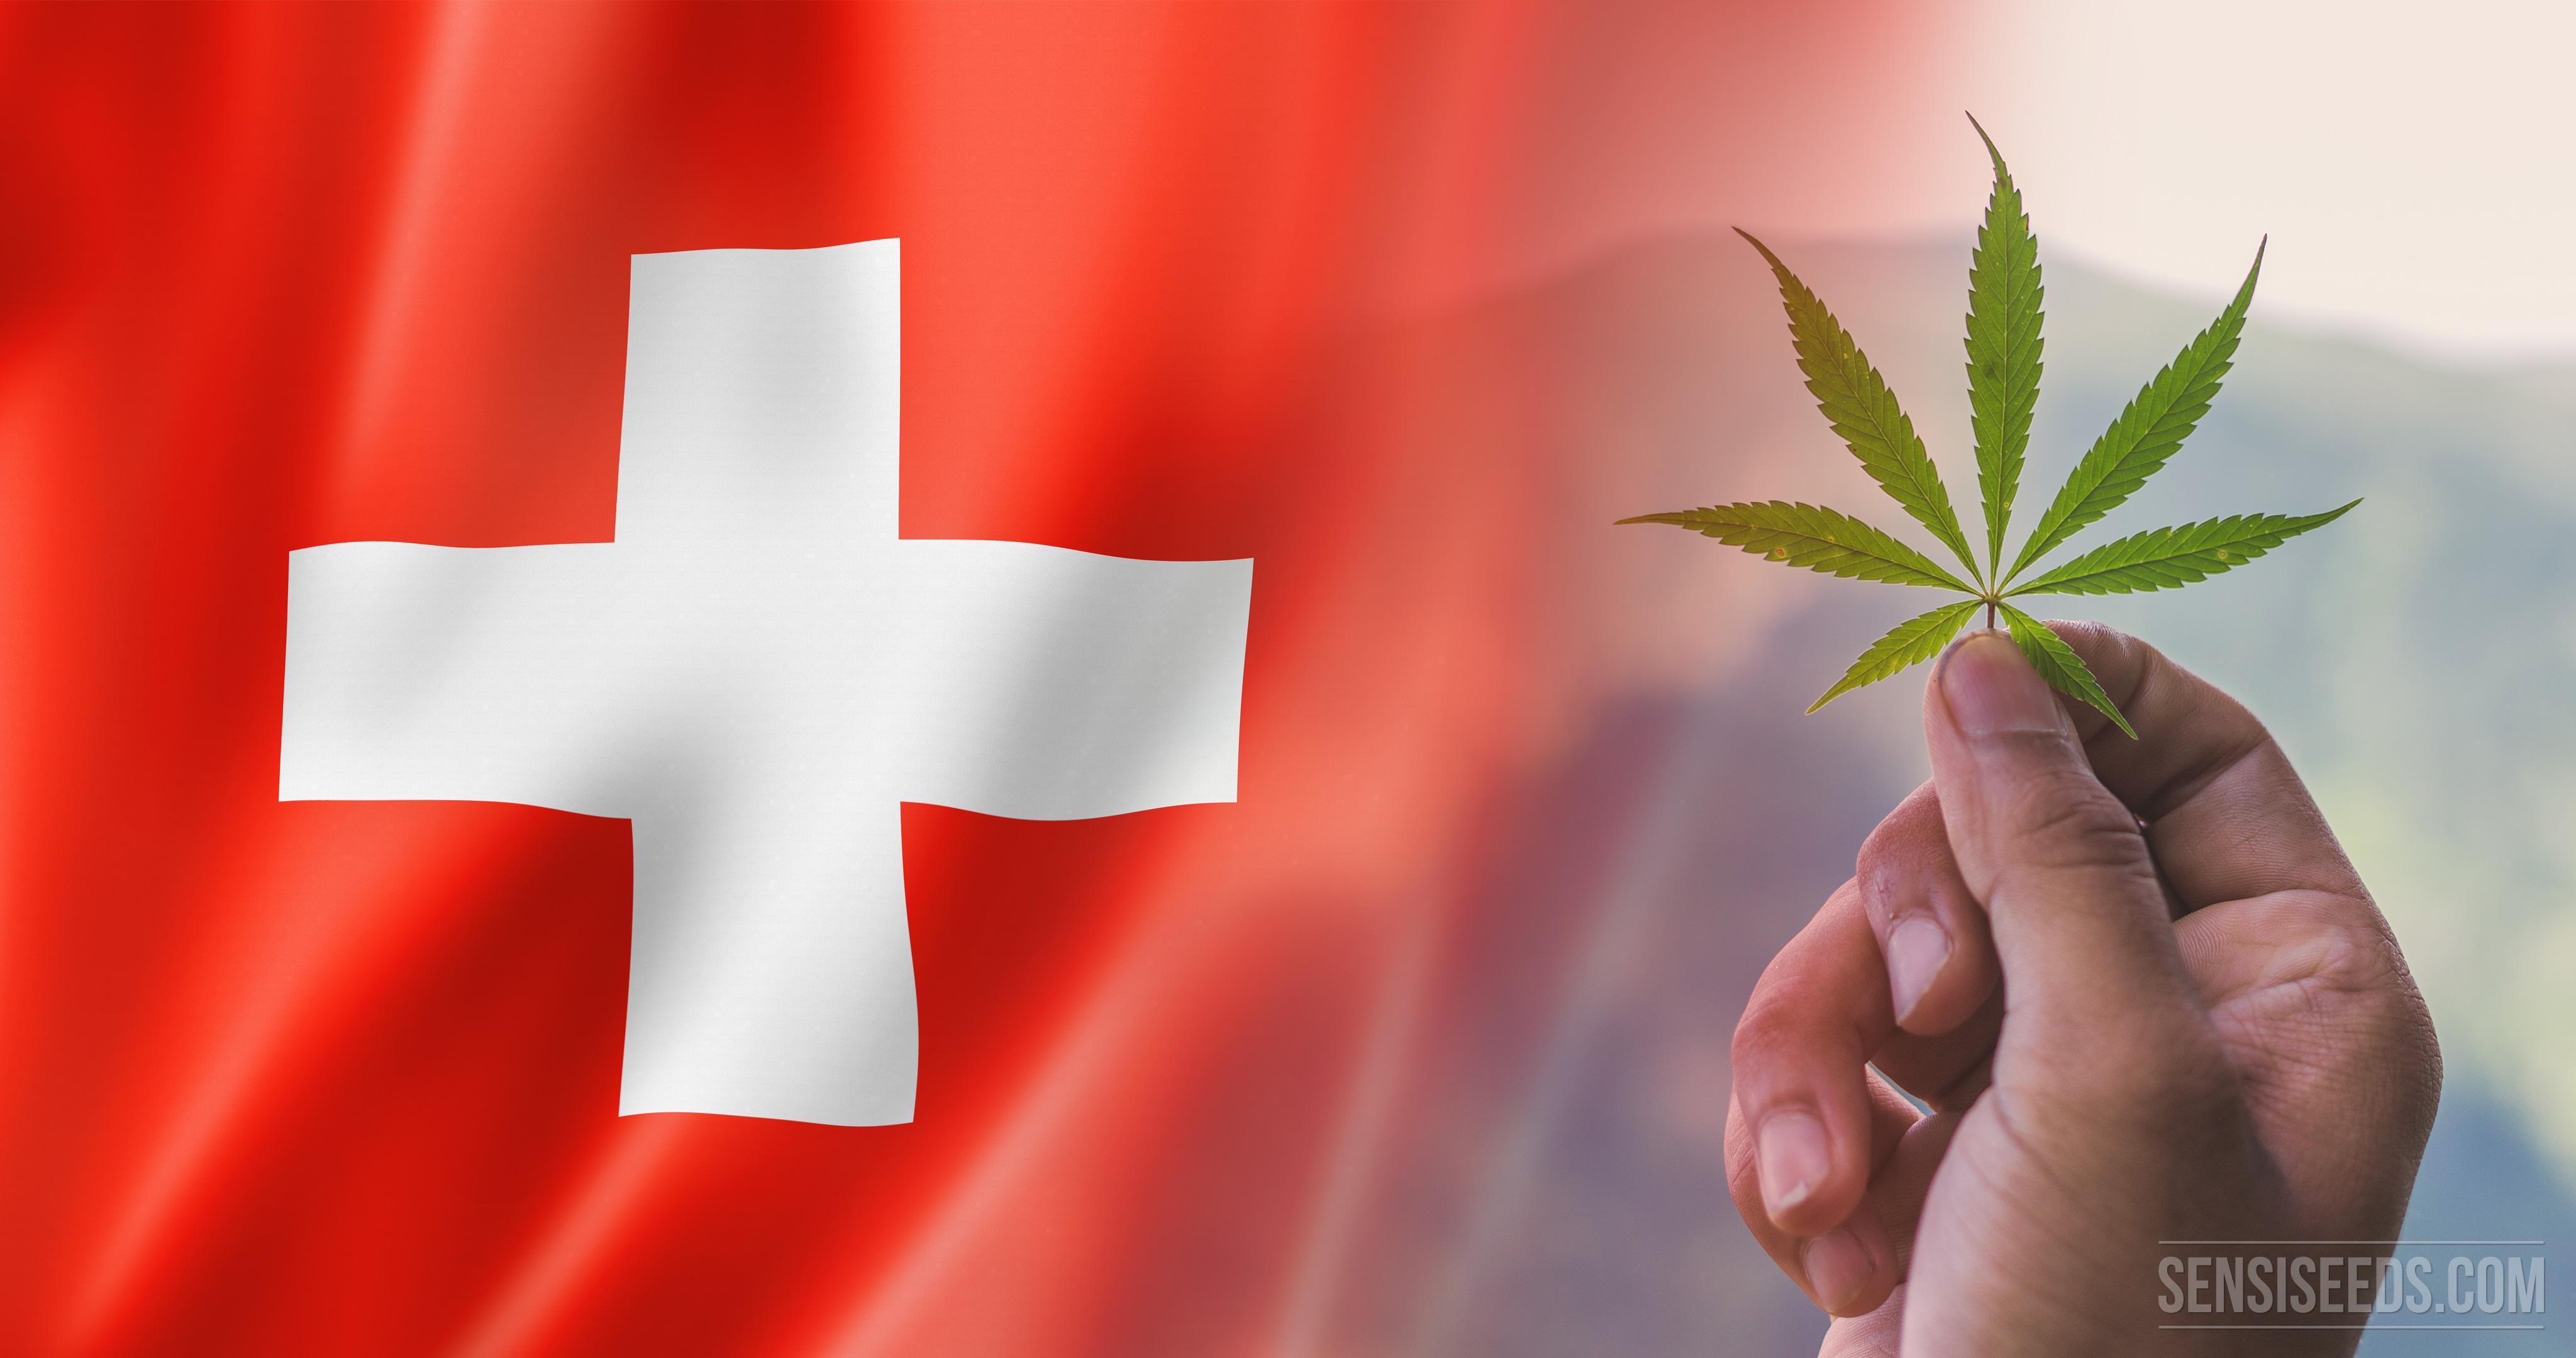 Legal status of cannabis in Austria